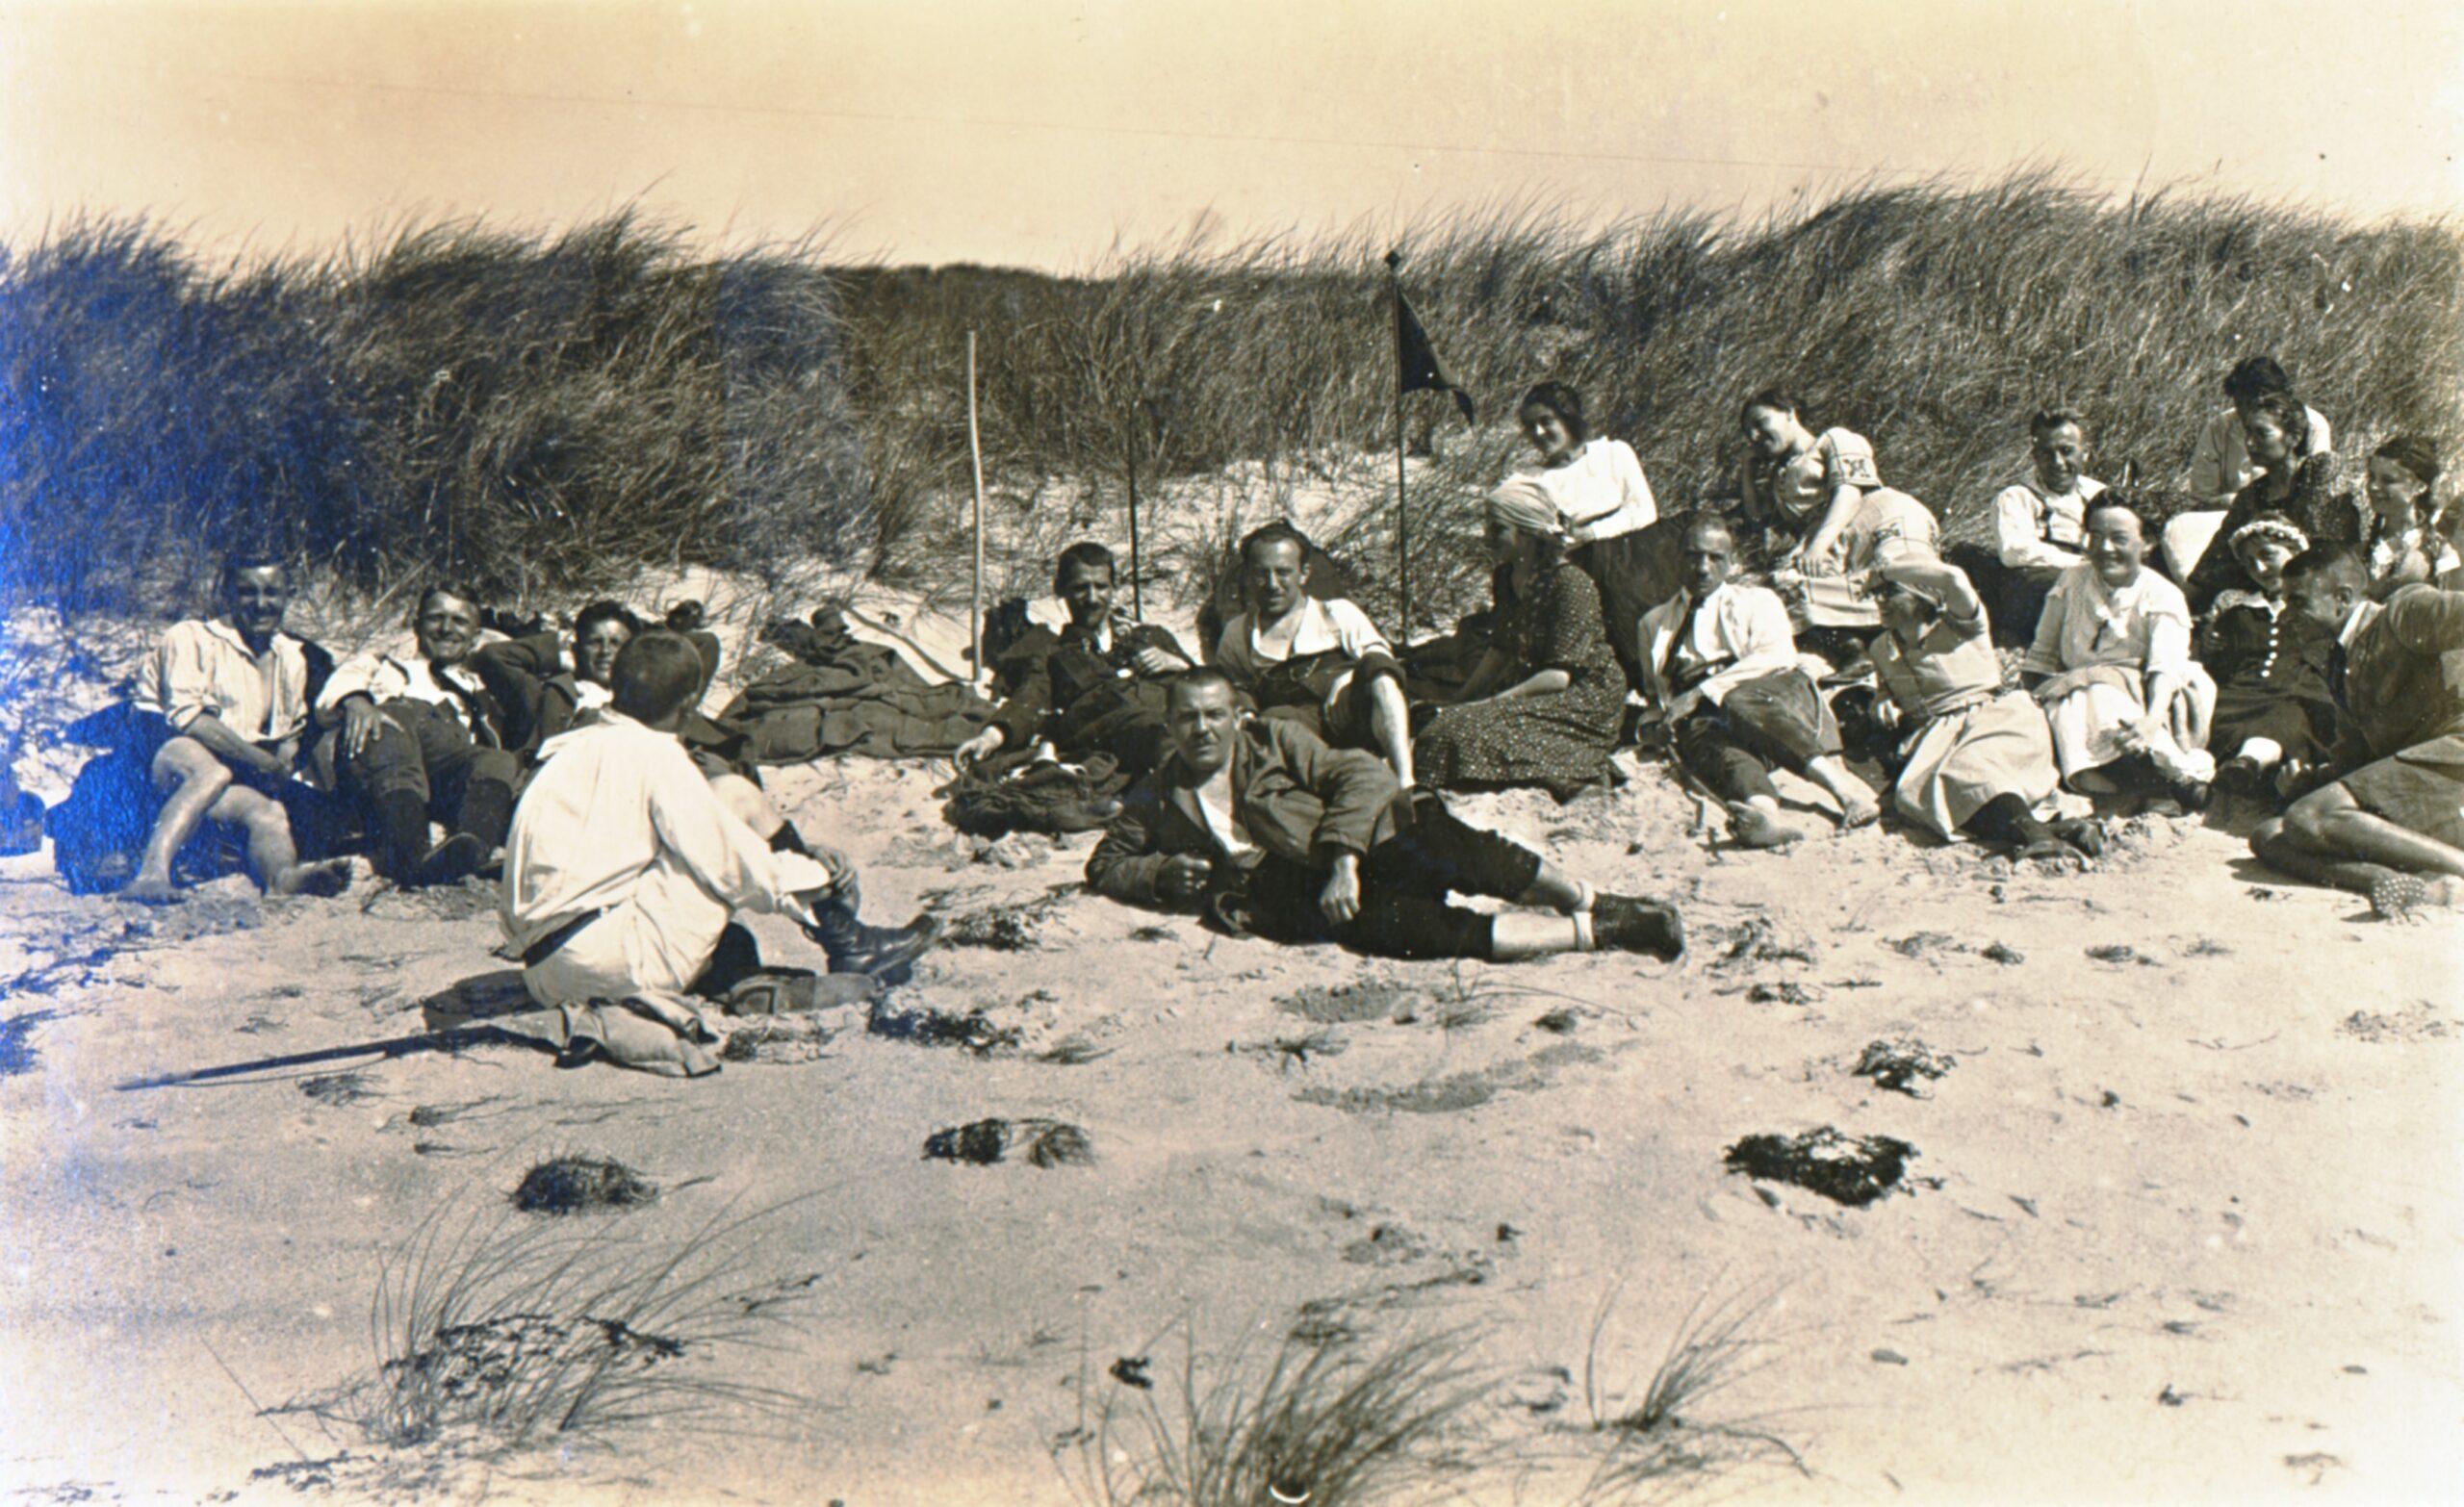 19 Personen sitzen und liegen in Freizeitkleidung vor einer Düne im Sandstrand und auf Decken und Jacken, die Stimmung ist ausgelassen.